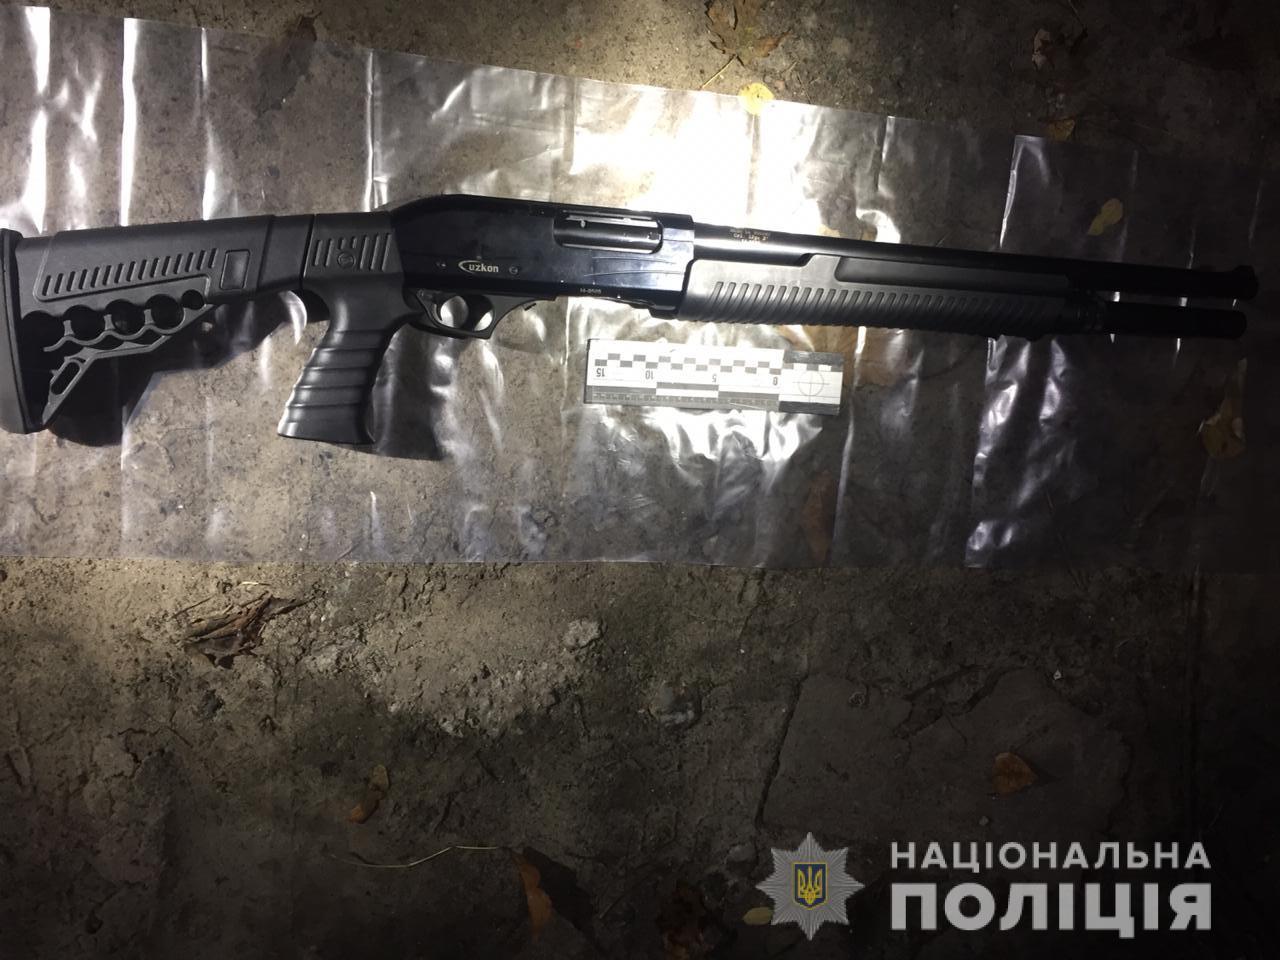 Умышленное убийство в Днепре: подозреваемый задержан - фото